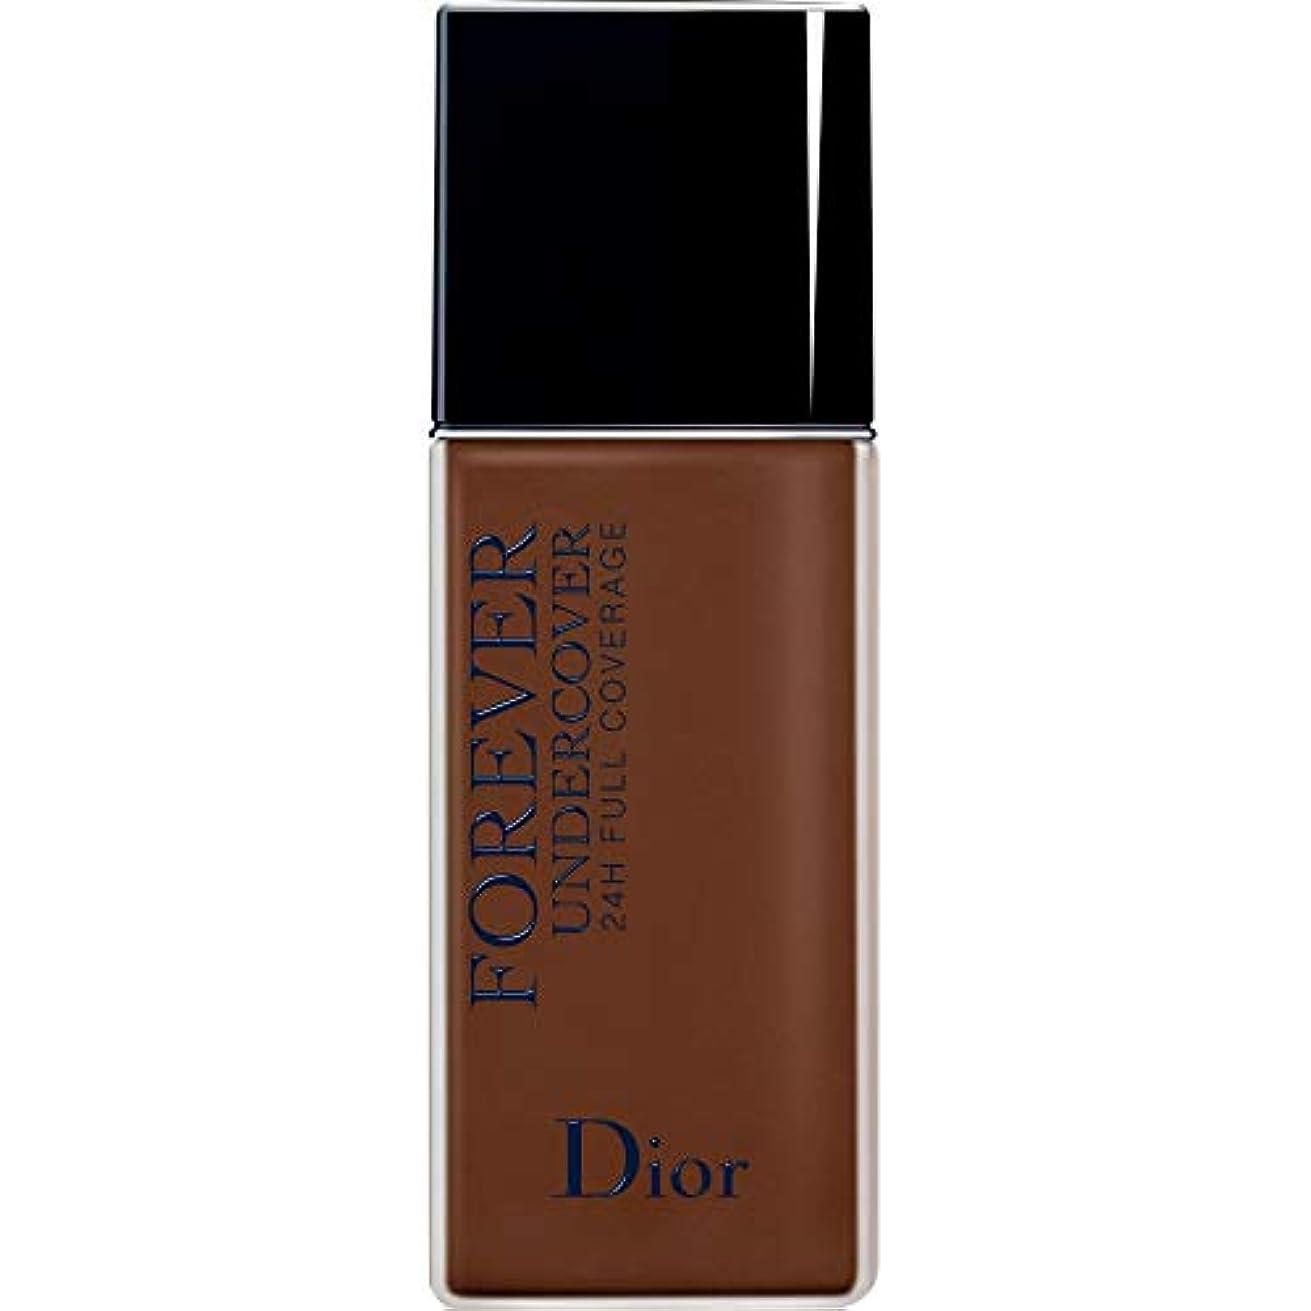 かわいらしいなんでも将来の[Dior ] ディオールディオールスキン永遠アンダーカバーフルカバーの基礎40ミリリットル080 - 黒檀 - DIOR Diorskin Forever Undercover Full Coverage Foundation...